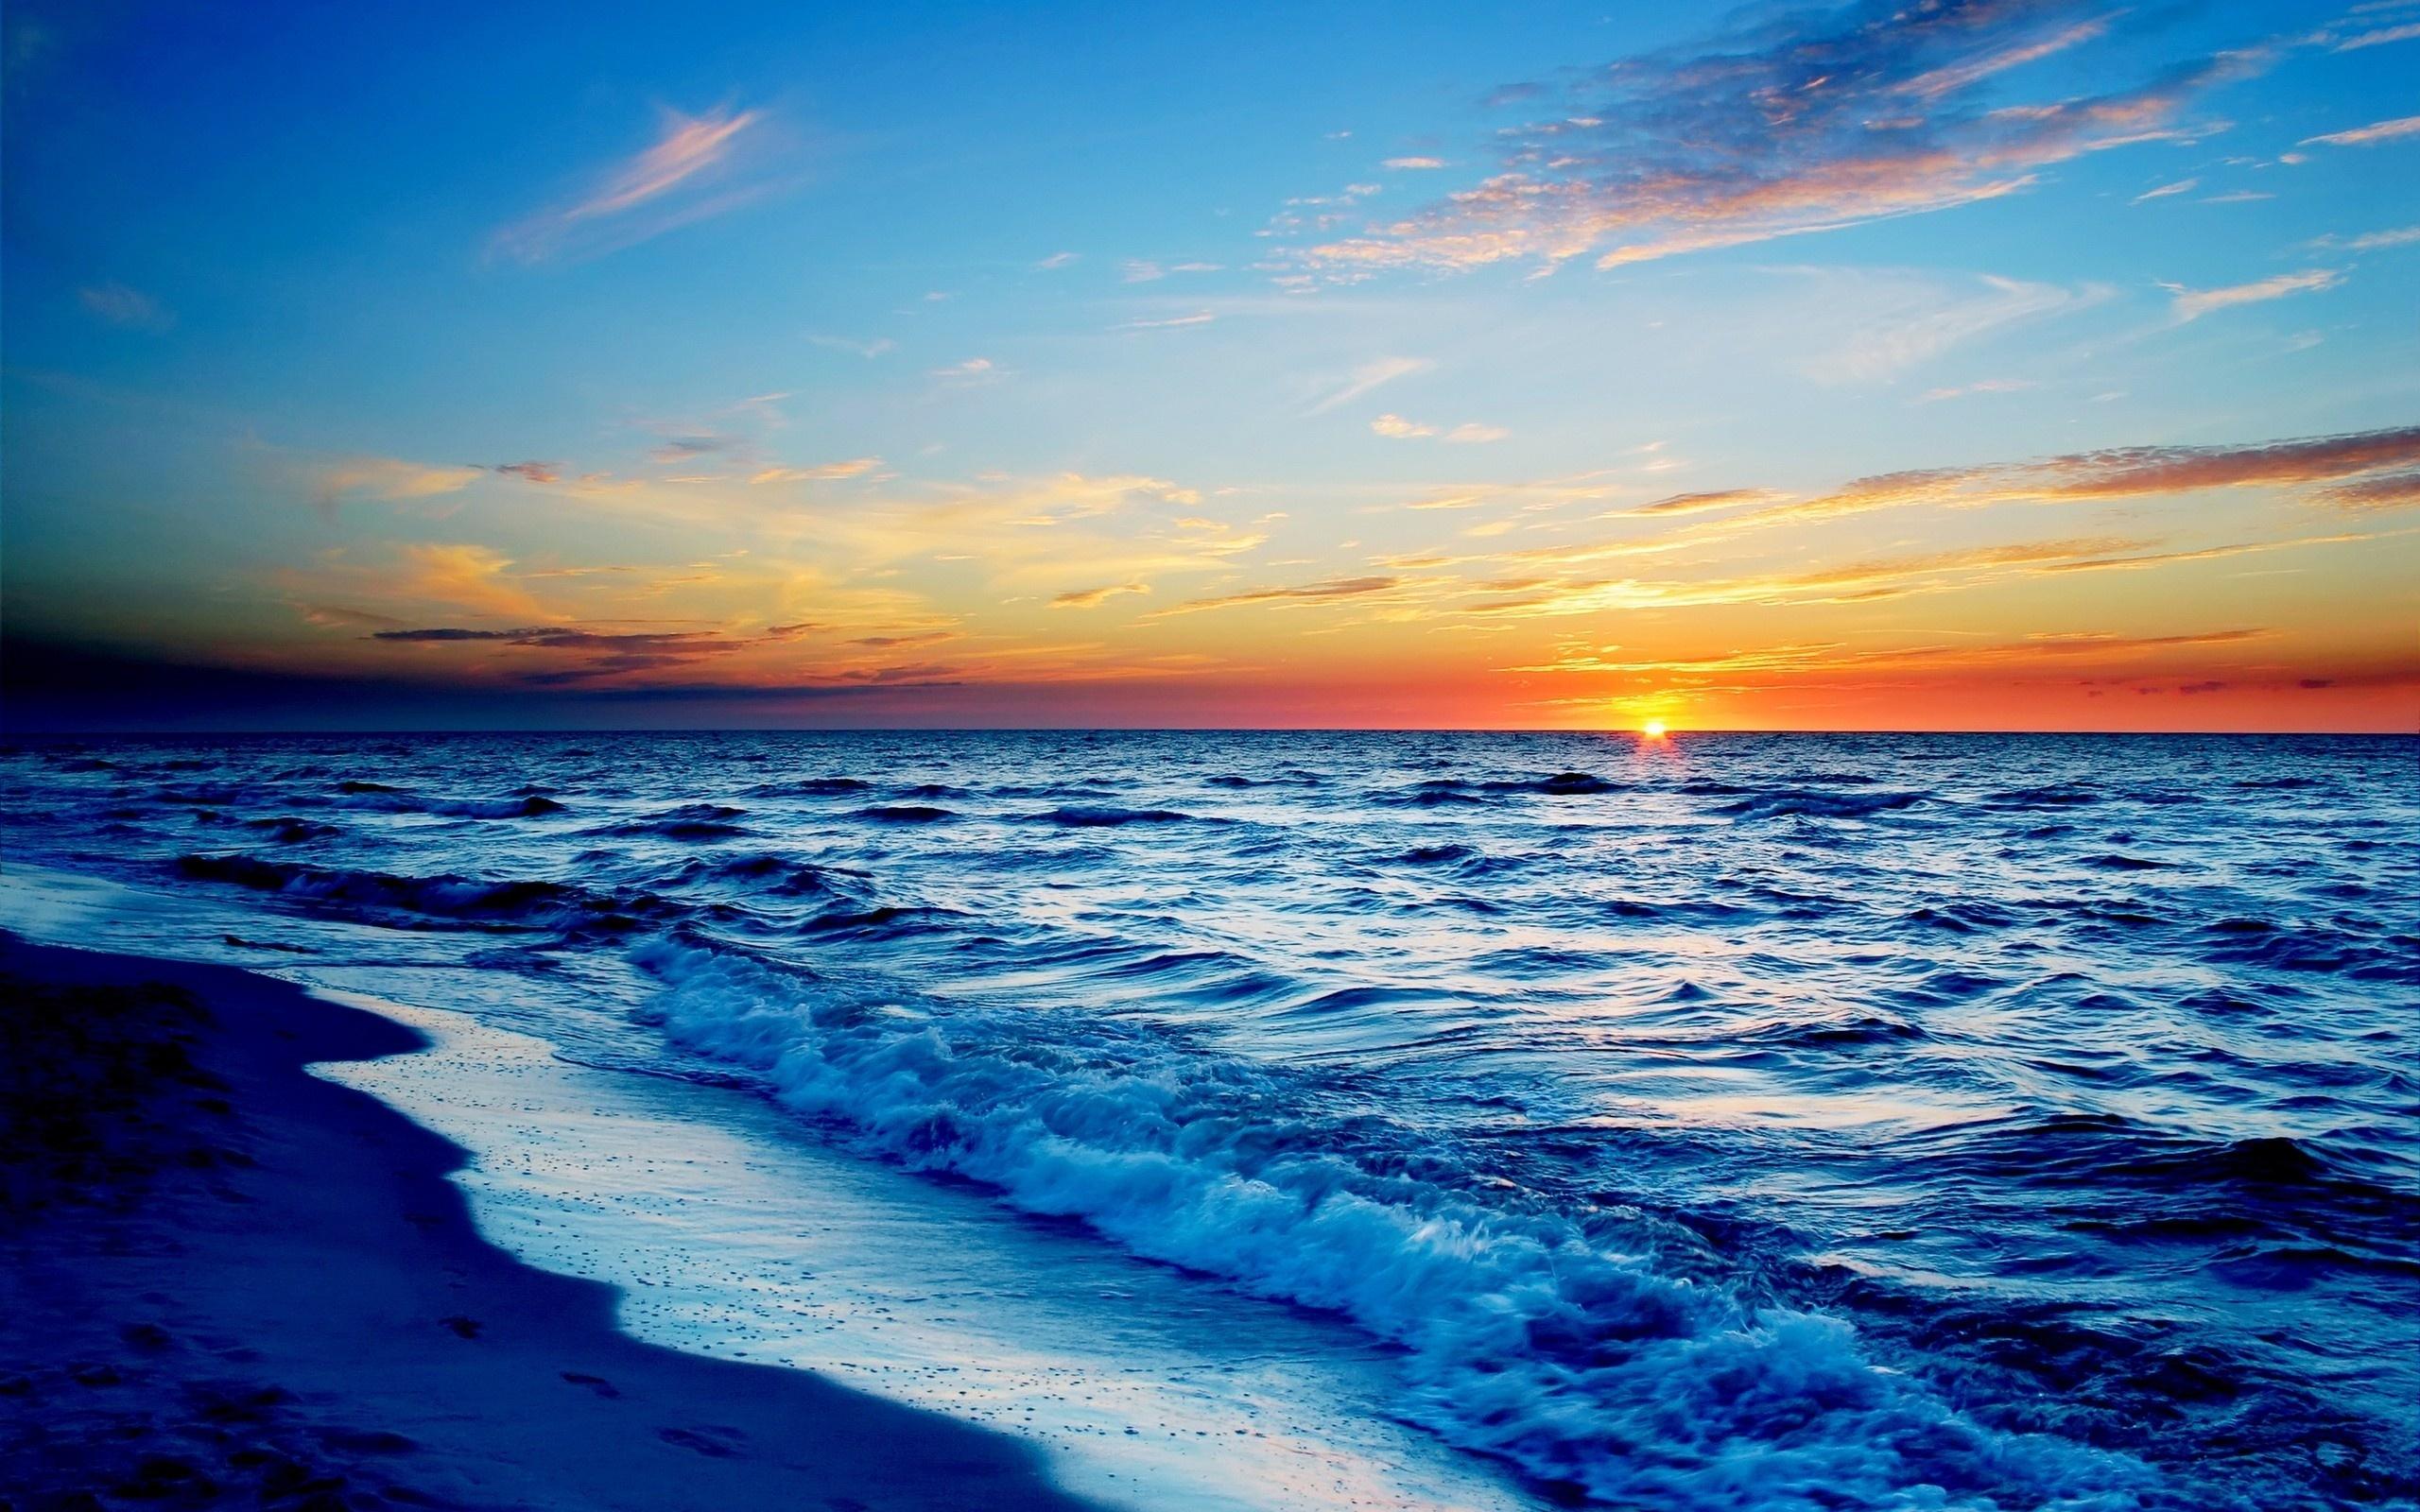 Дню рождения, картинка красота моря